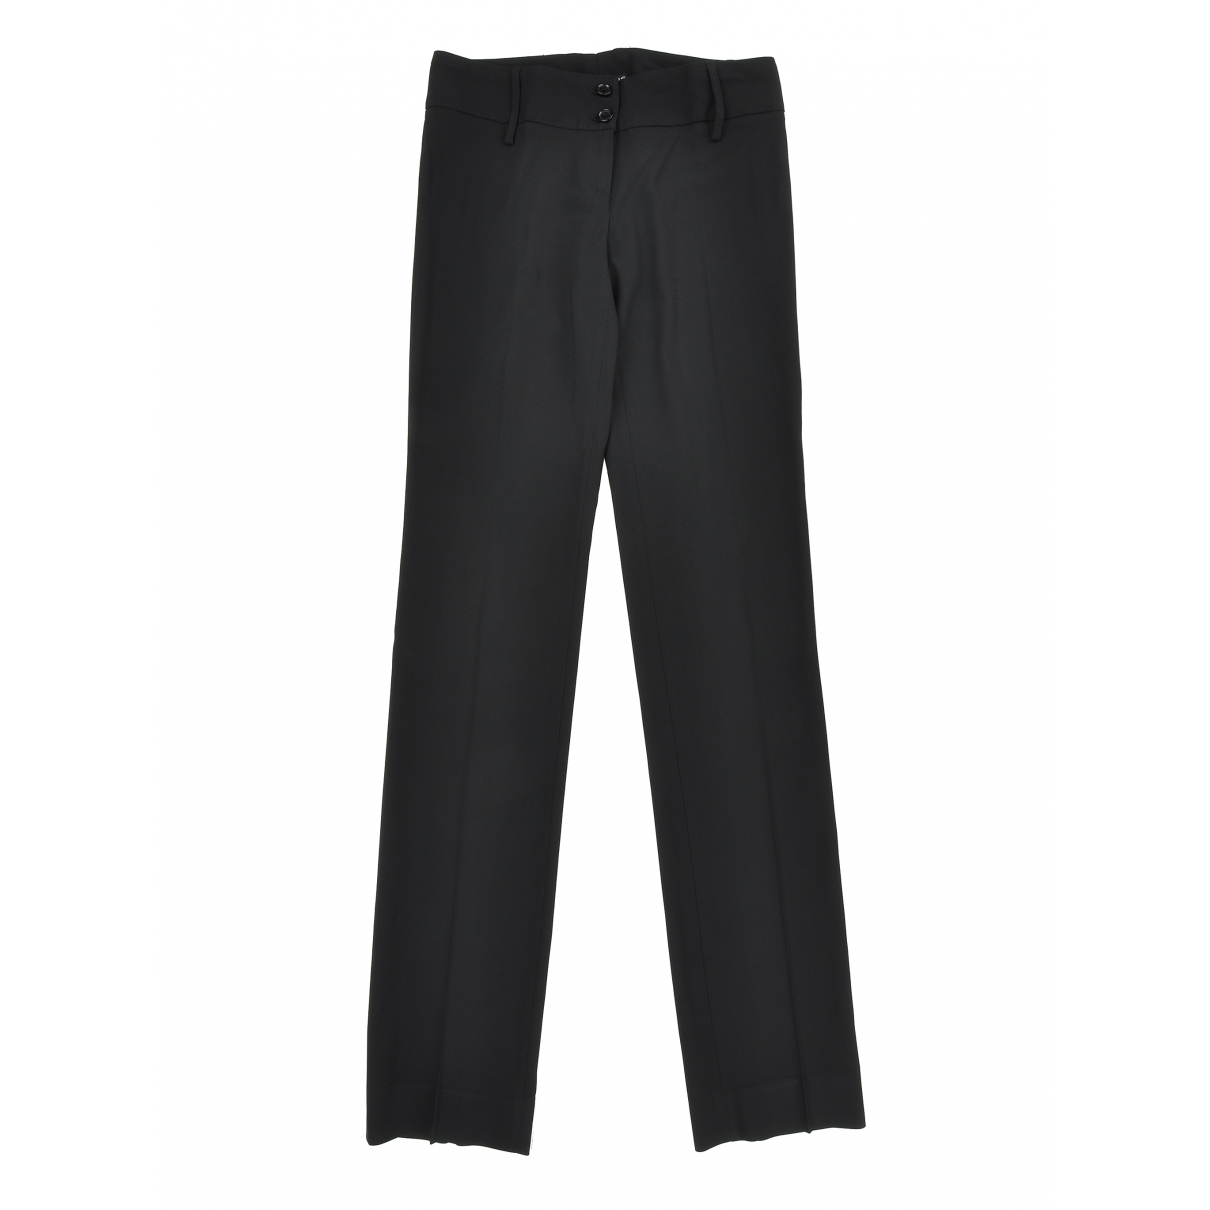 Dolce & Gabbana \N Black Trousers for Women 38 IT